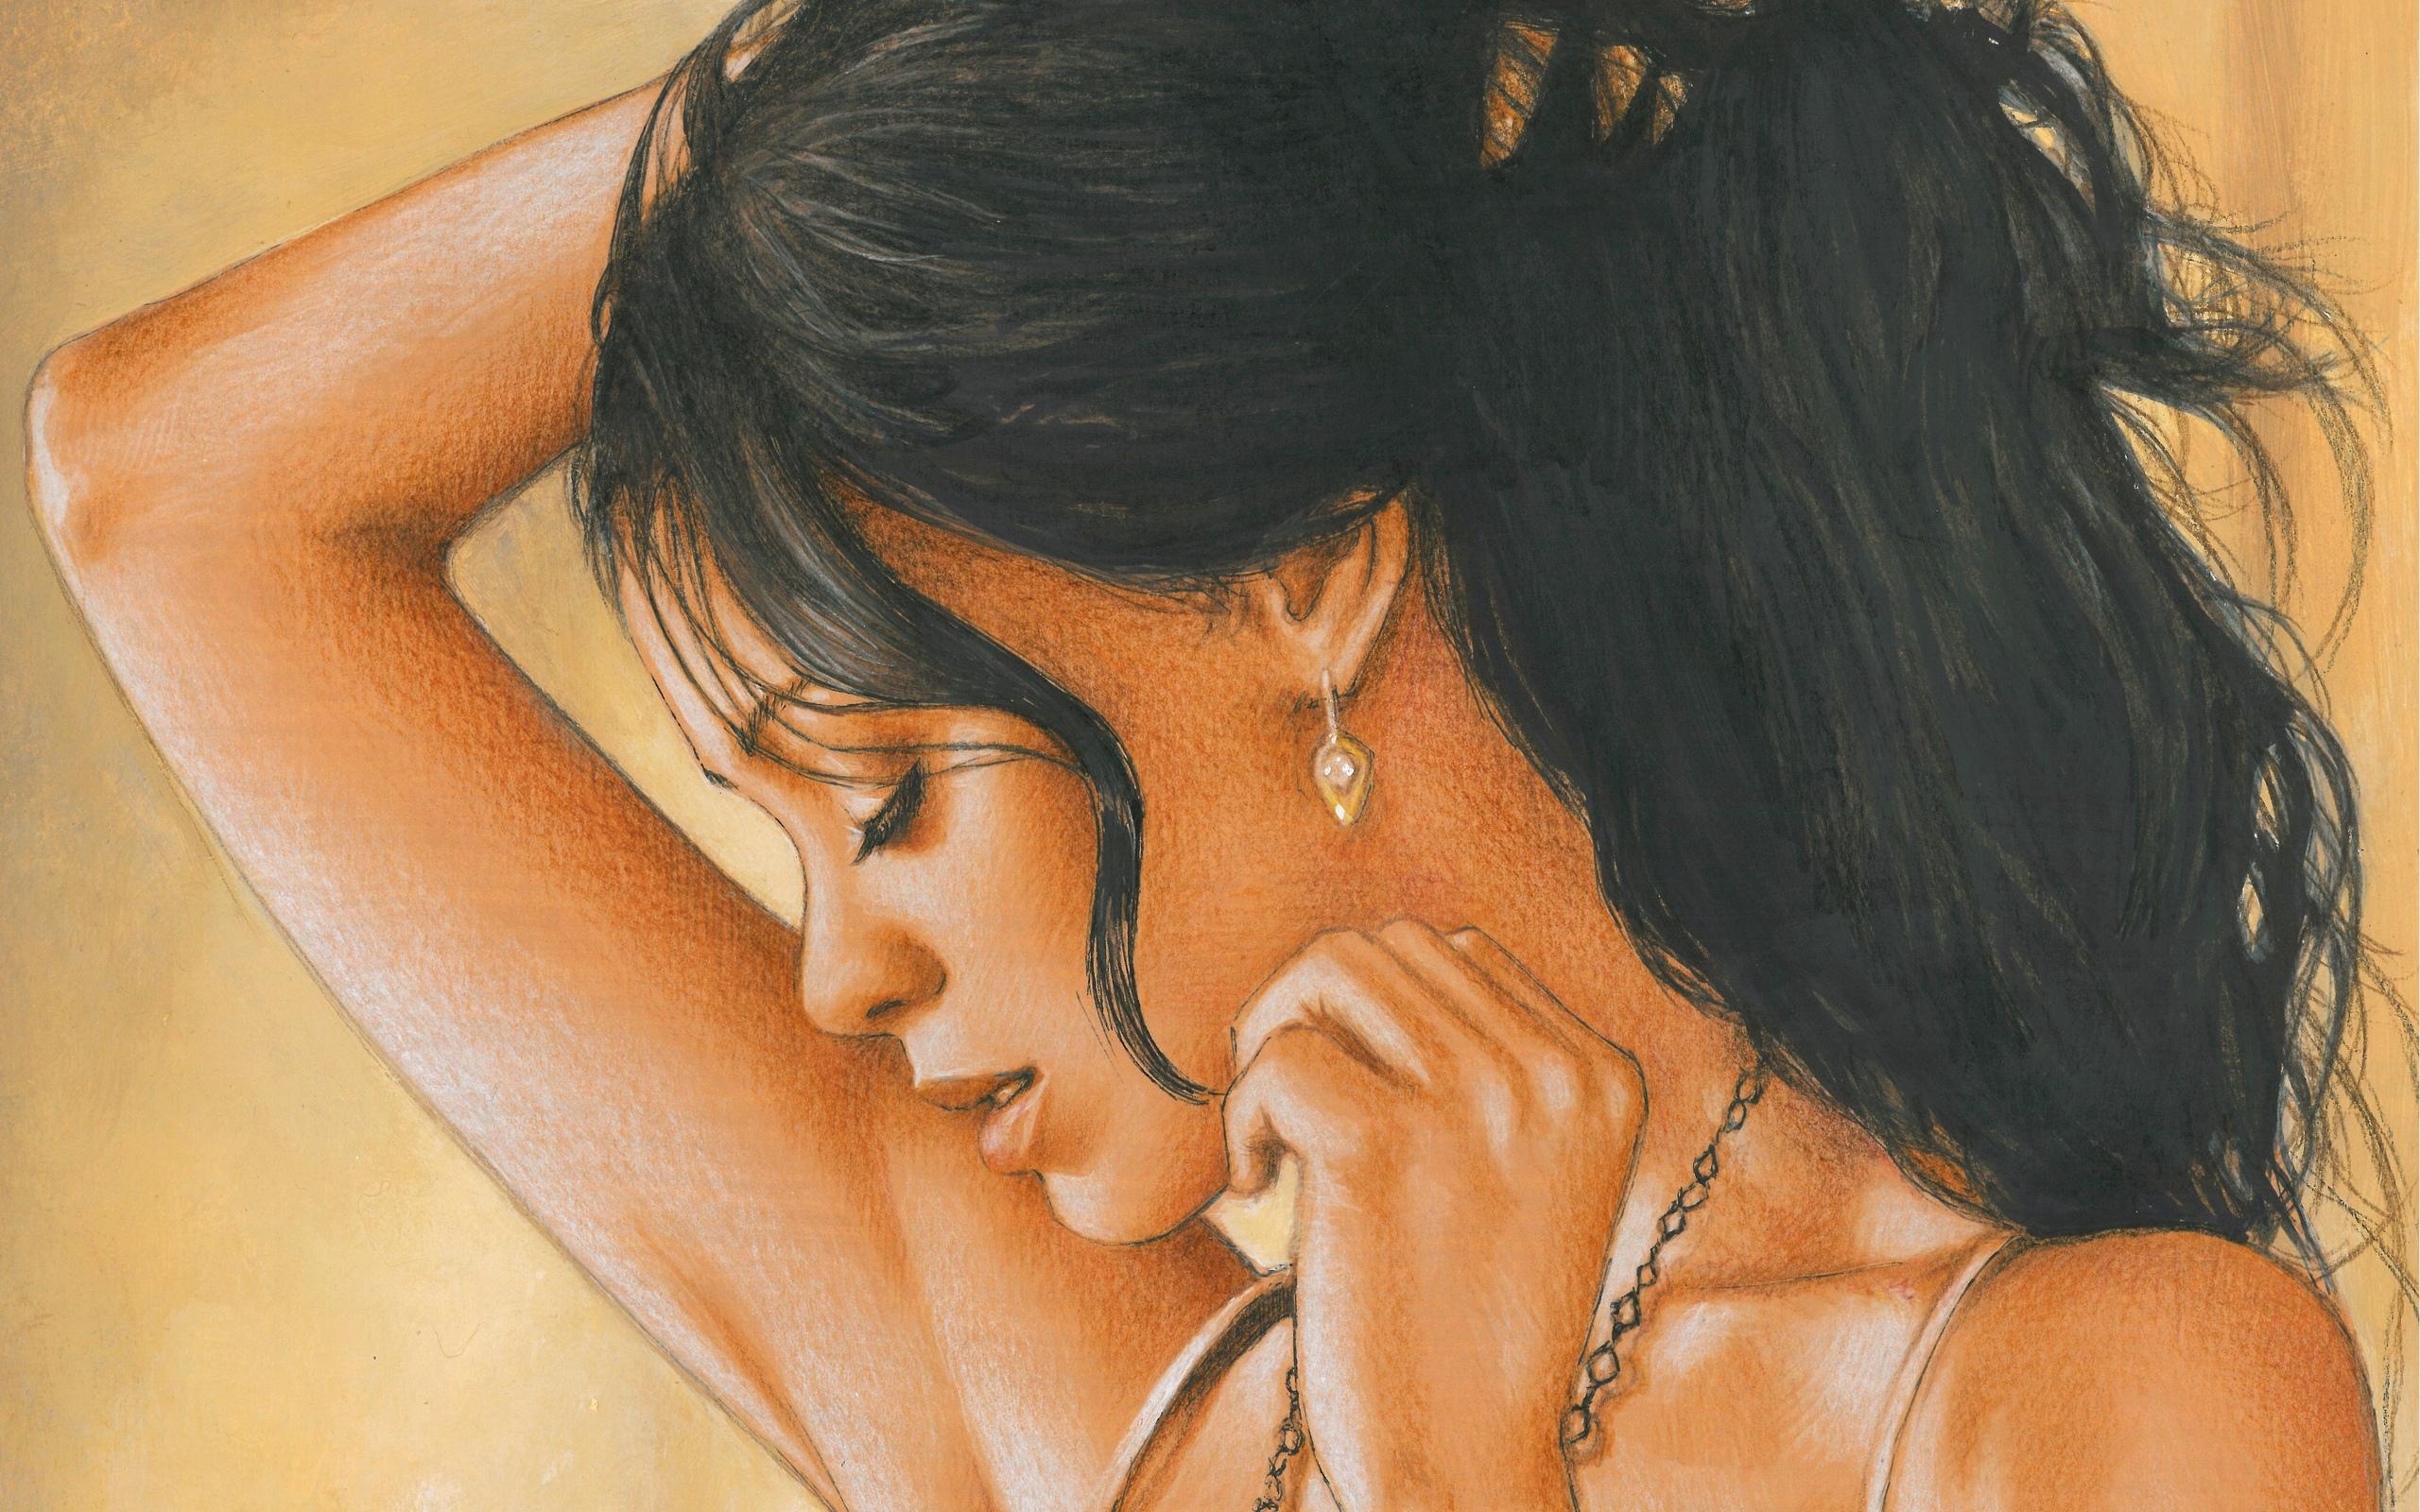 Картинки с женщинами красивые без лица рисунок